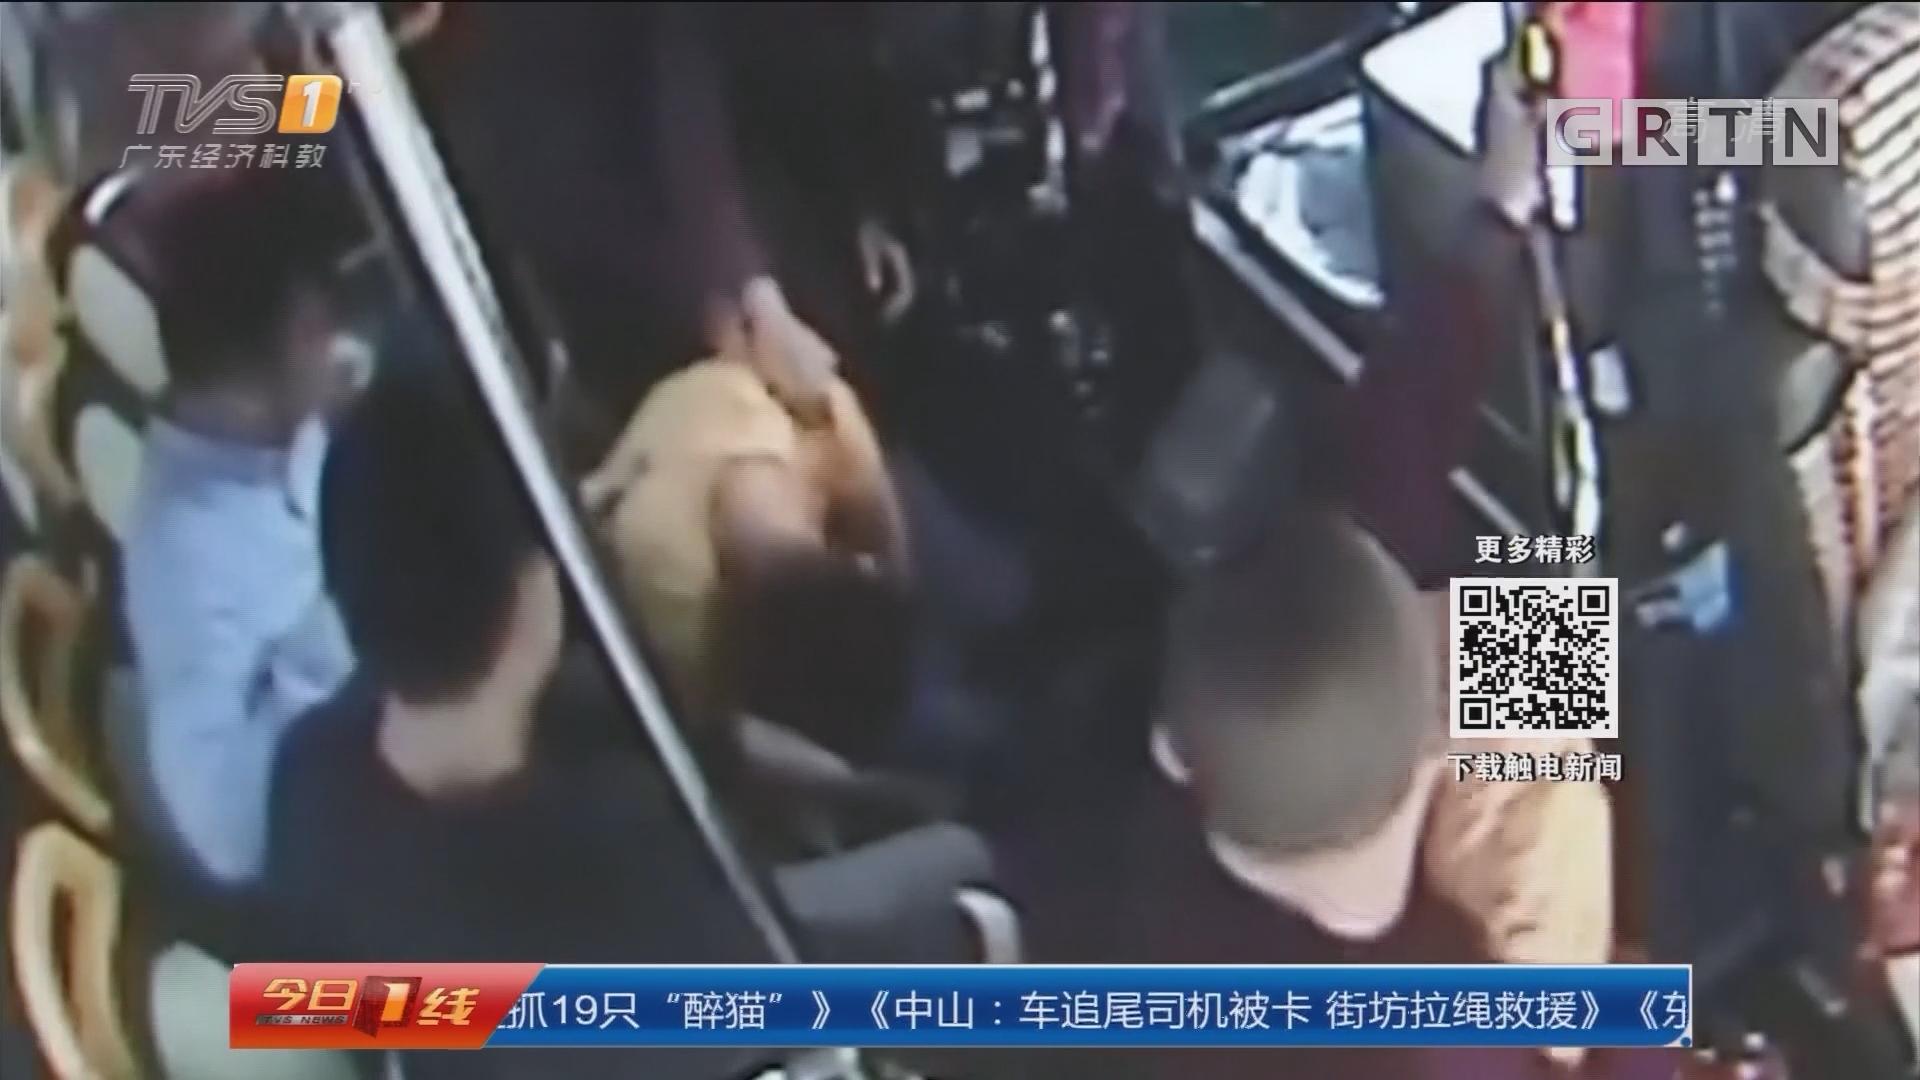 广州:男子公交上疑发癫痫 幸得及时救助